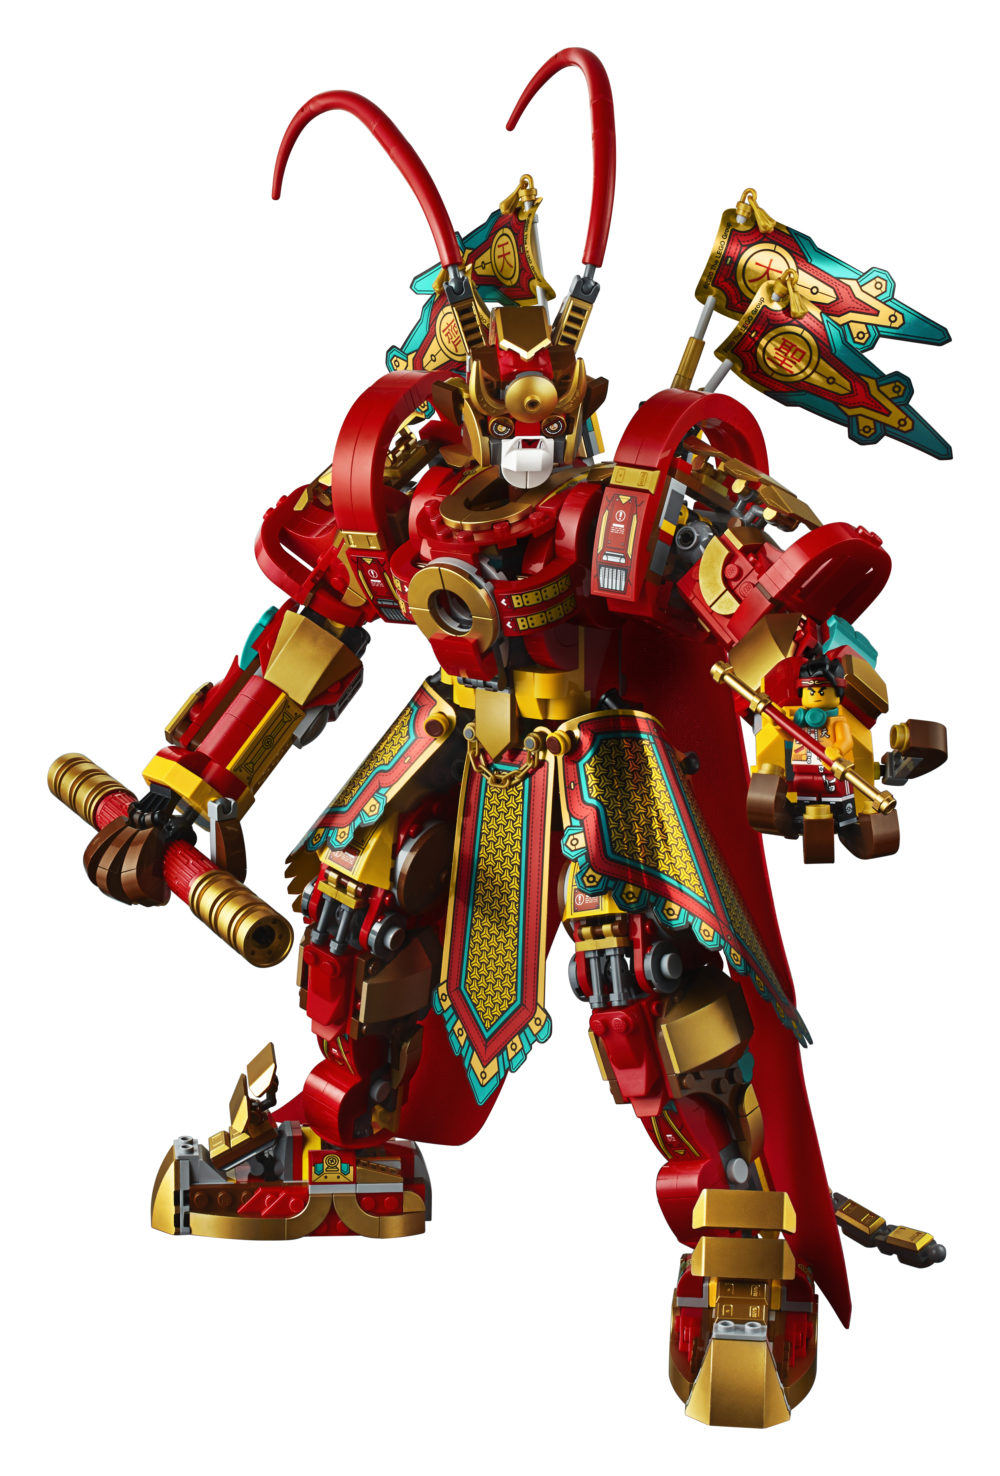 LEGO Monkie Kid 80012 Monkey King Warrior Mech